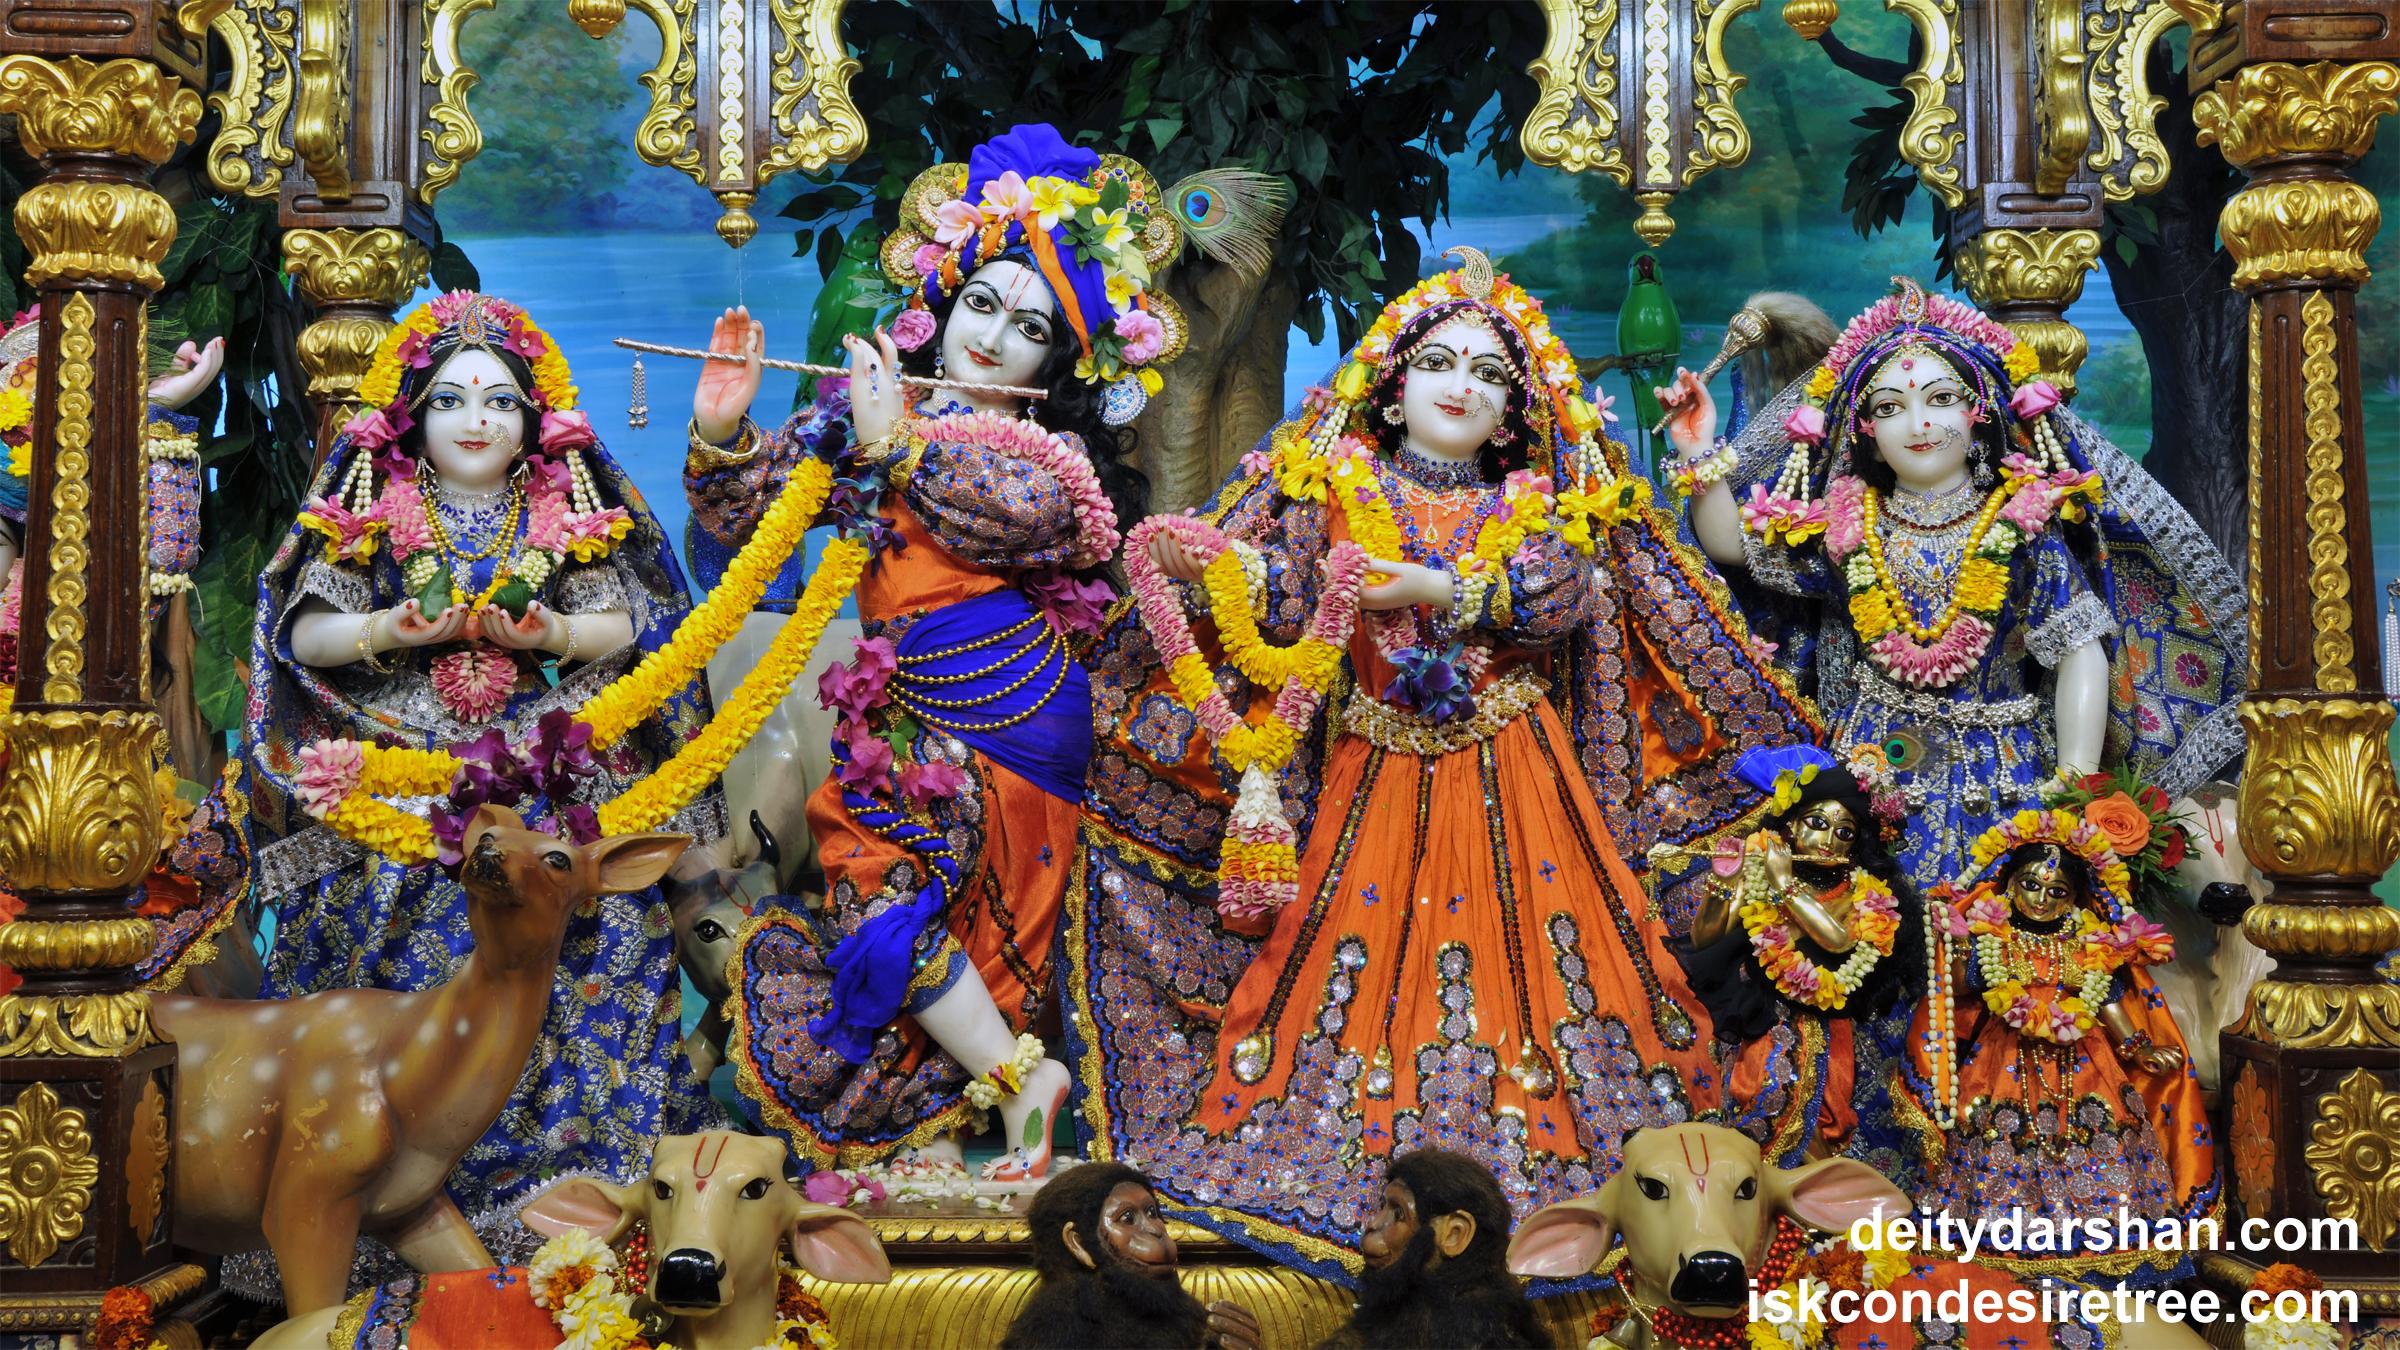 Sri Sri Radha Gopinath Lalita Vishakha Wallpaper (051) Size 2400x1350 Download